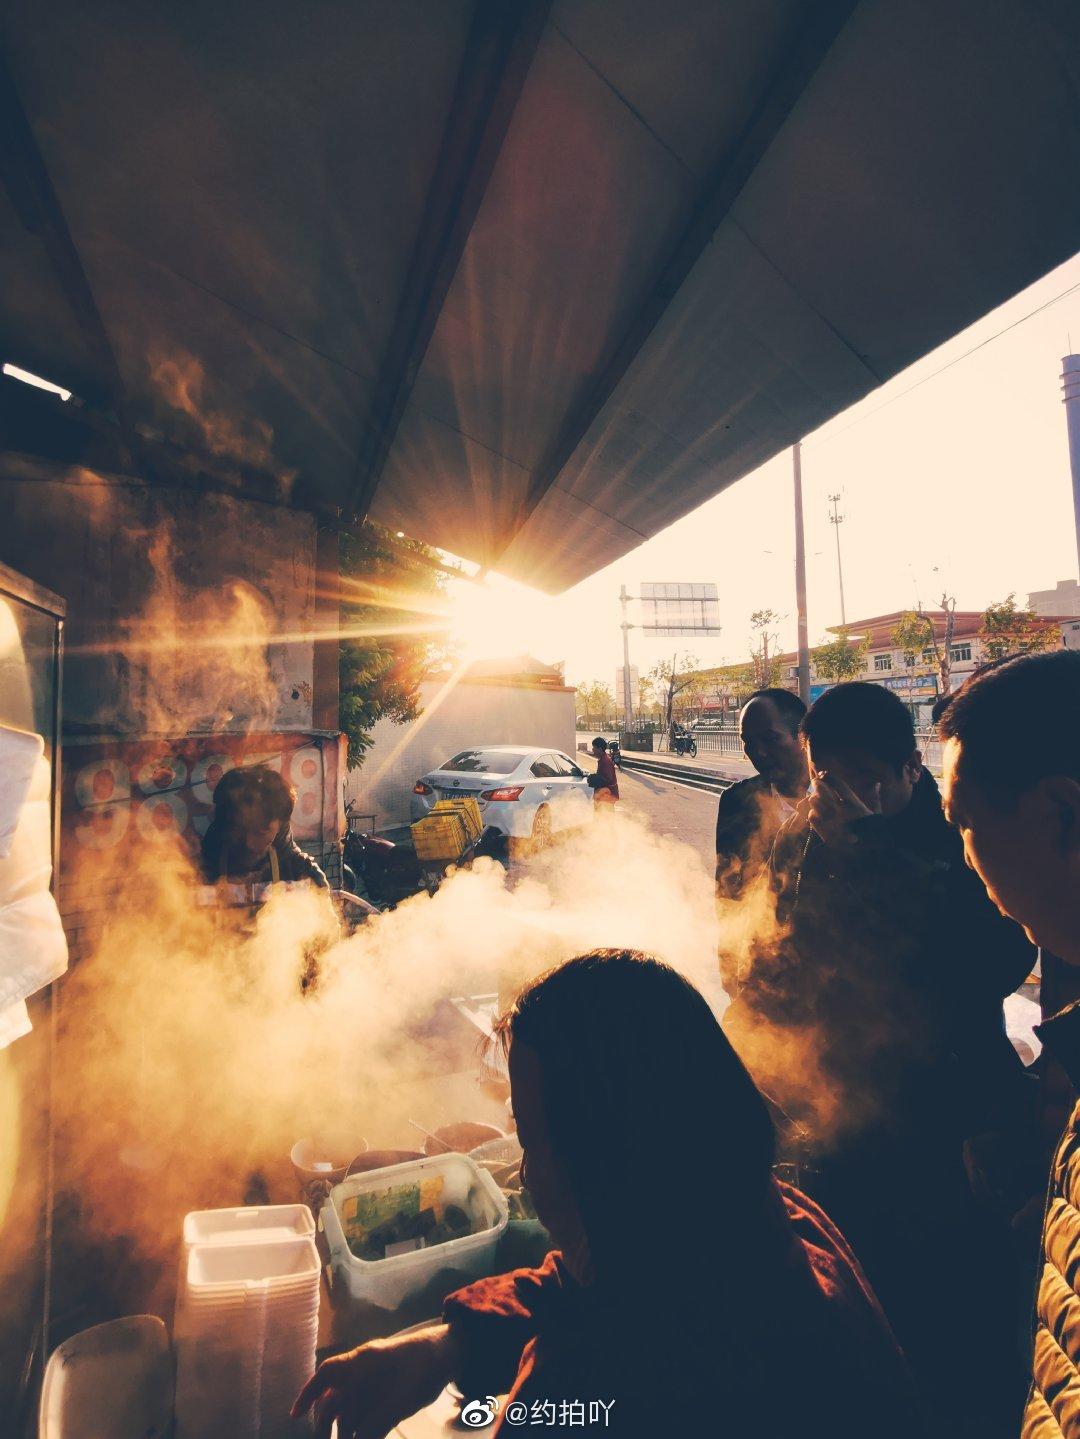 食一碗人间烟火,饮几杯世态炎凉。器材:华为p30 @微博摄影